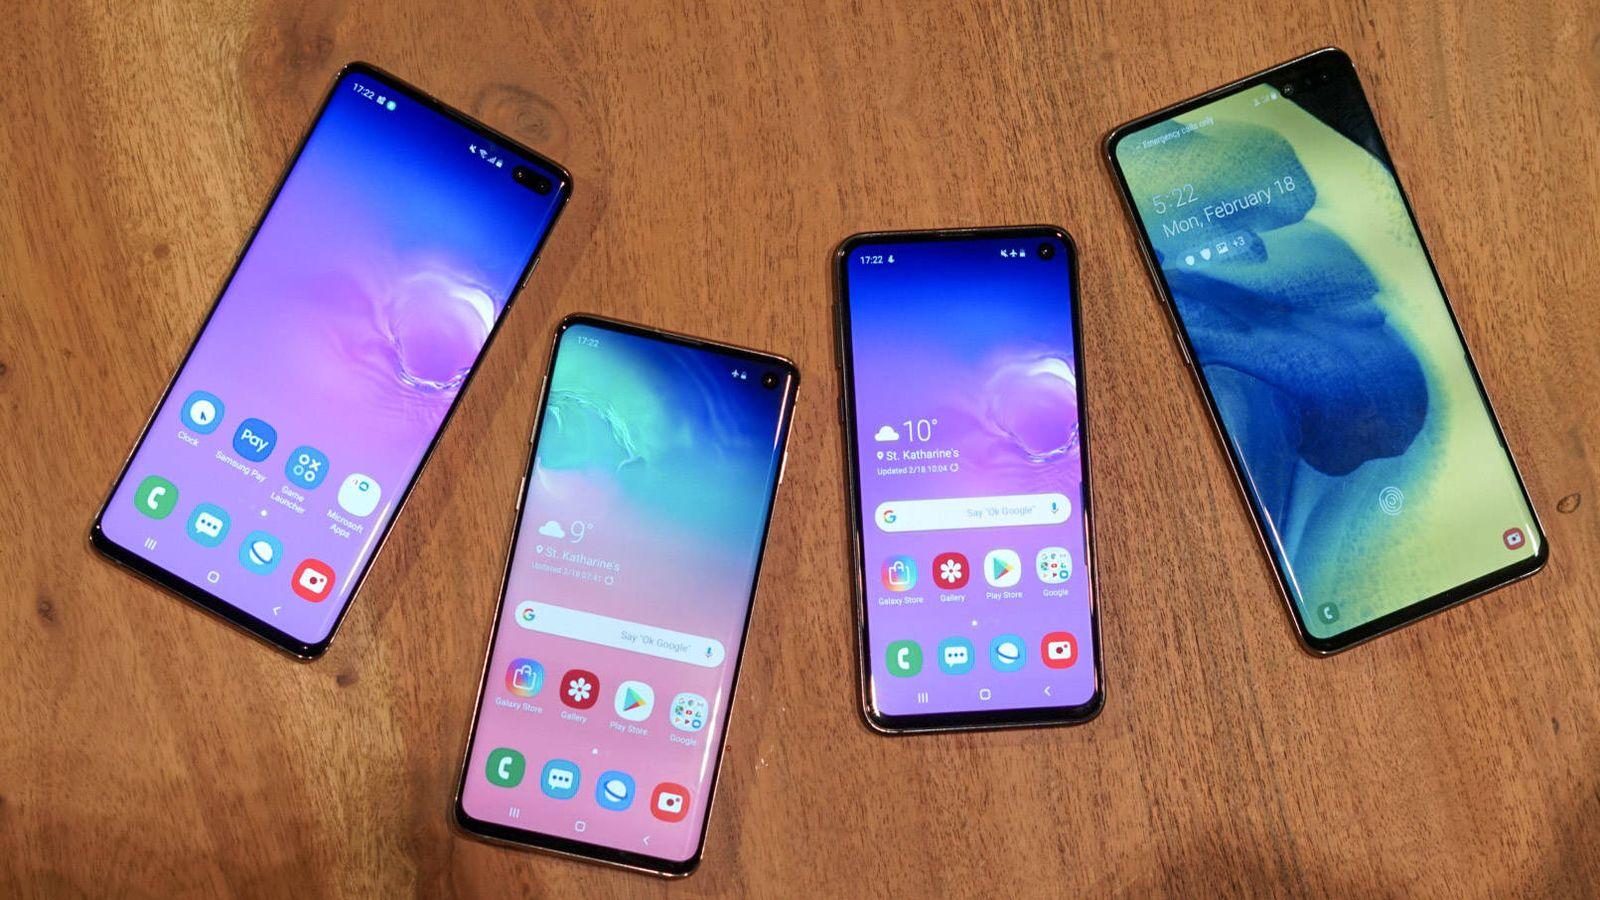 Foto: Toda la familia Samsung Galaxy S10. De izquierda a derecha. Plus, S10, S10e y S10 5G. (M. Mcloughlin)